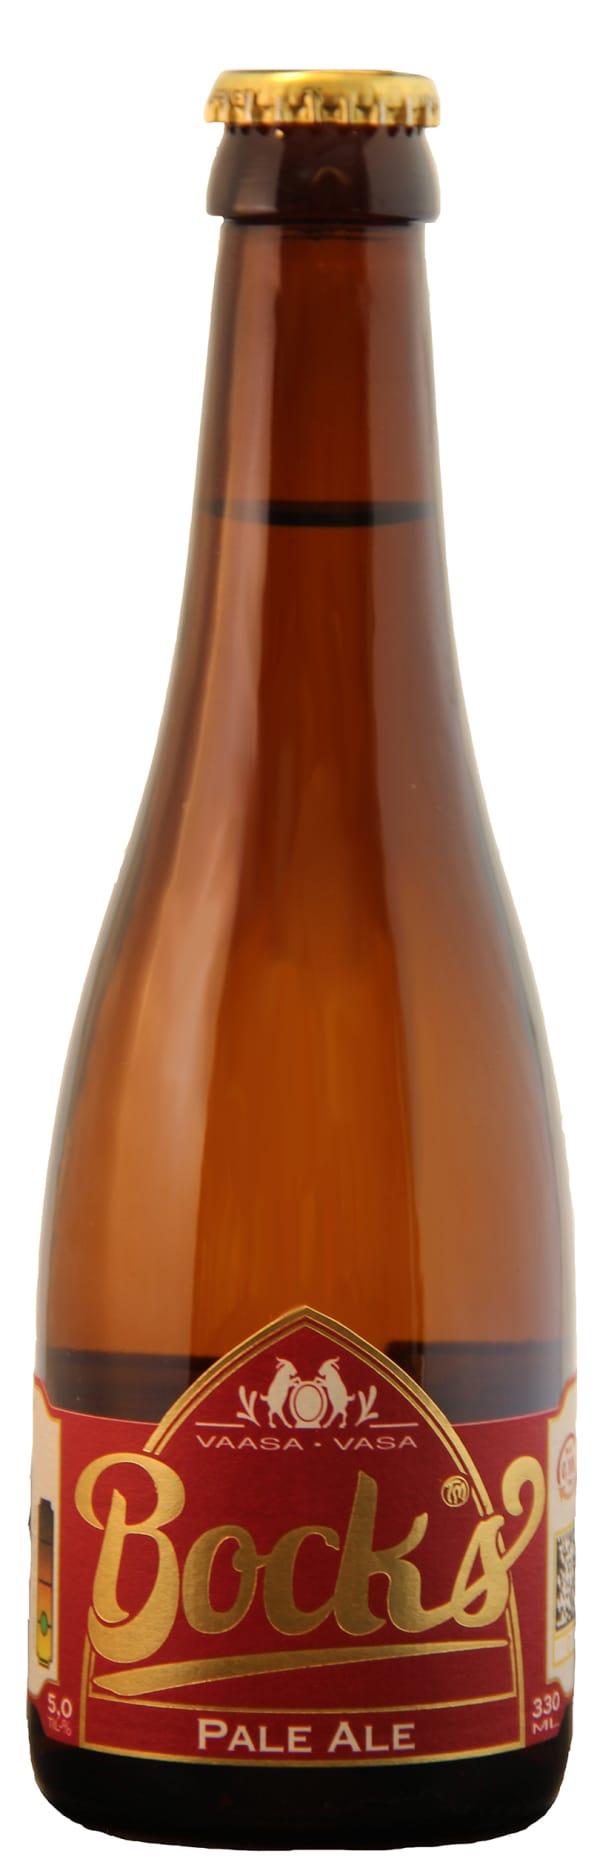 Bock's Pale Ale